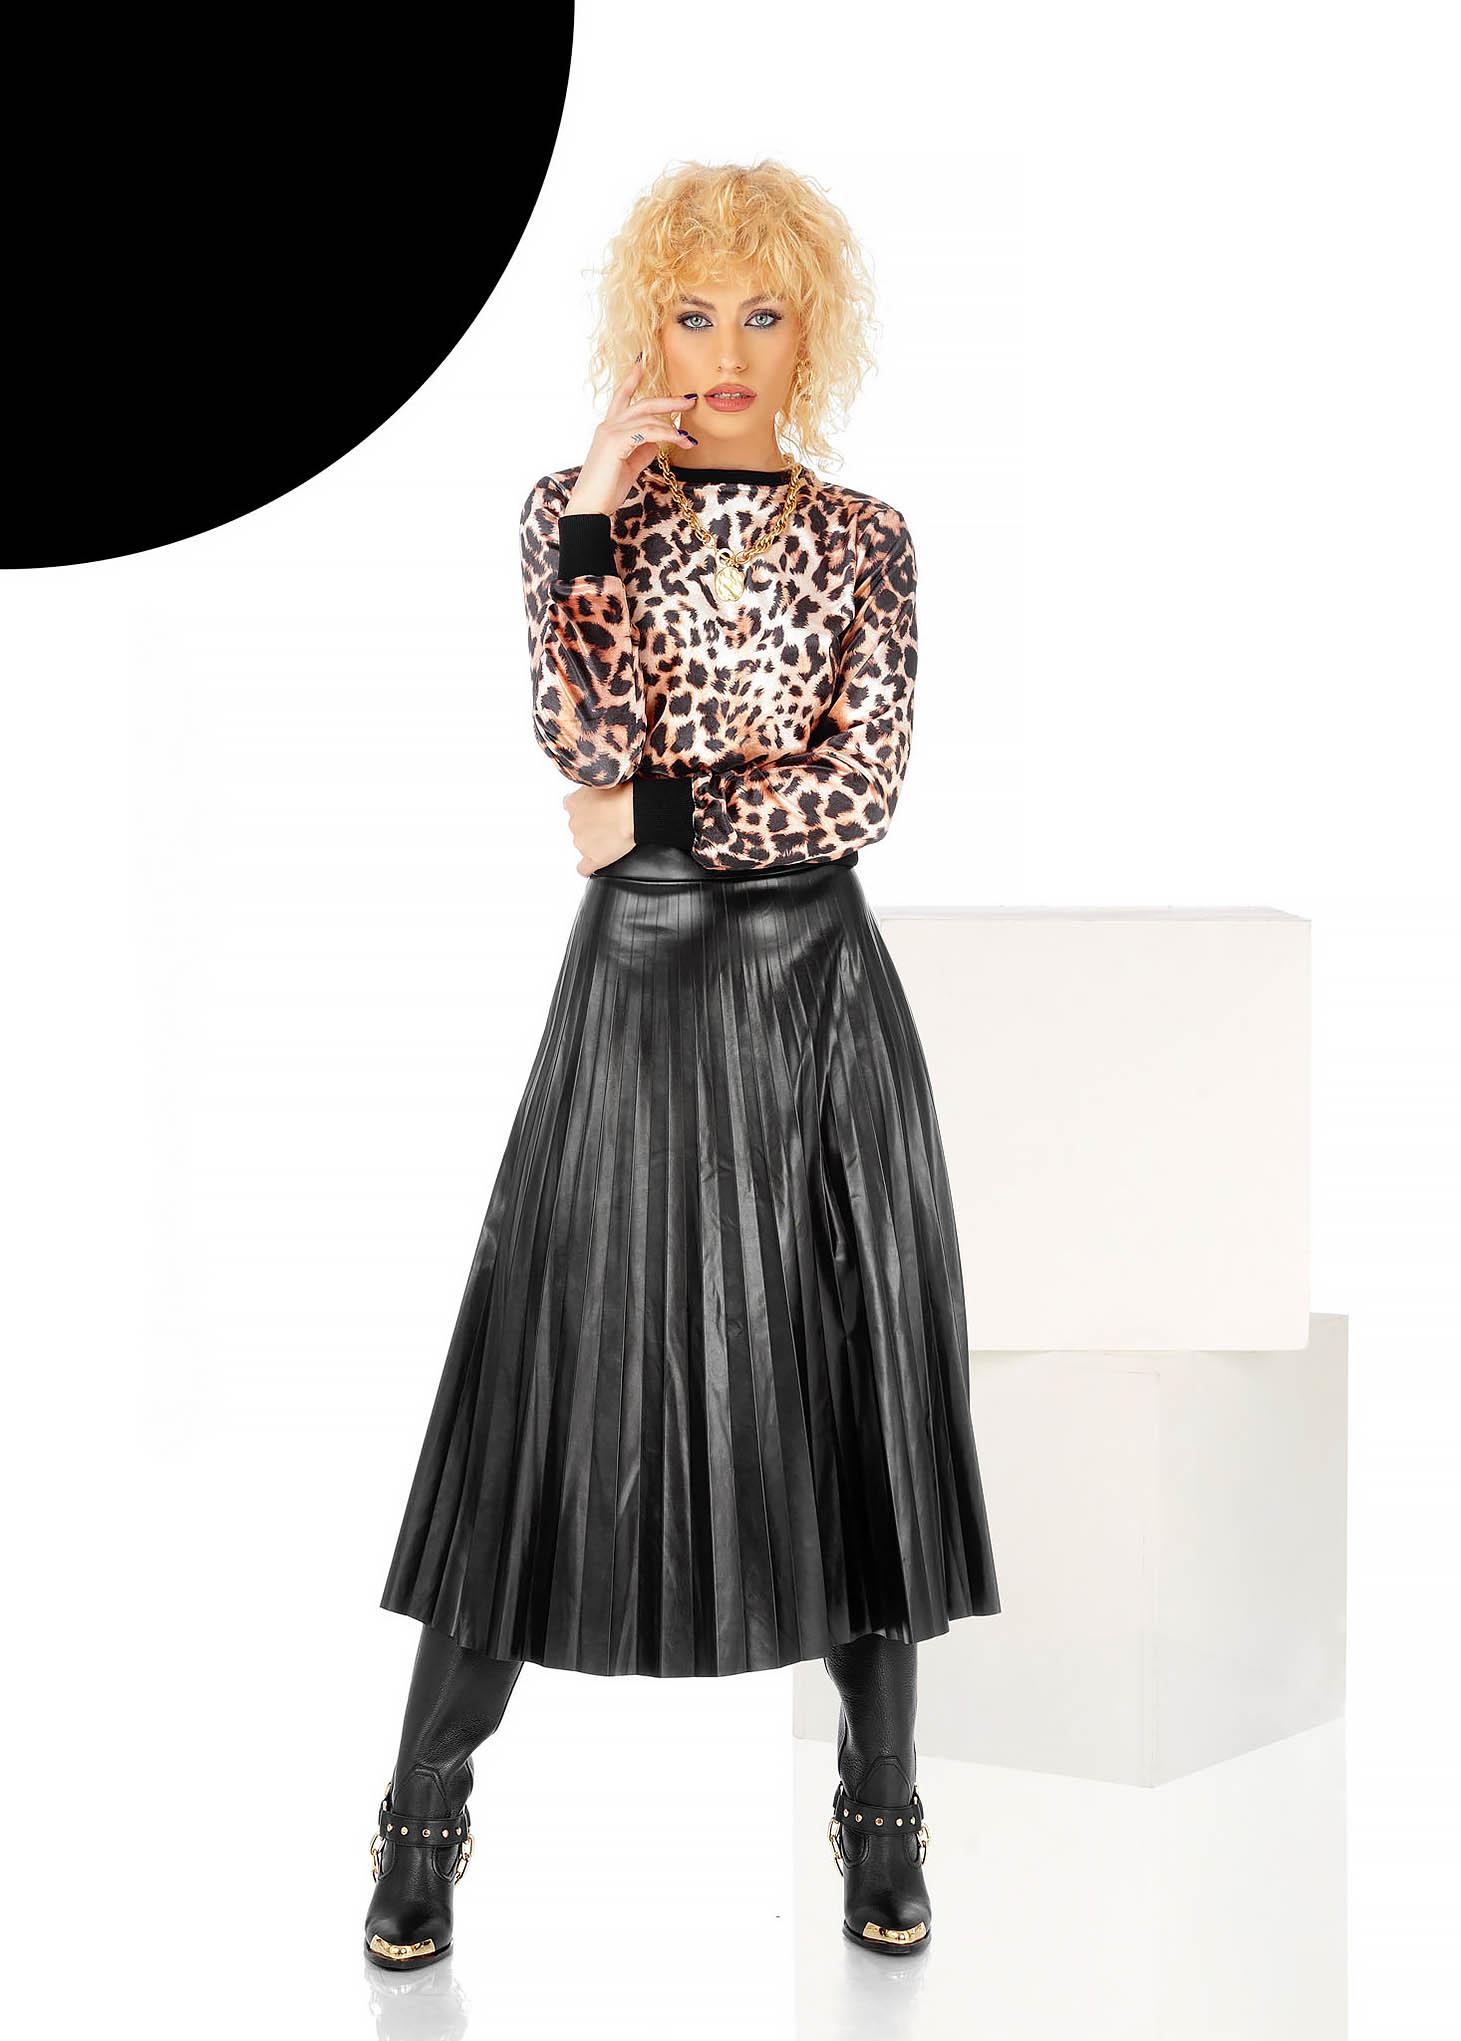 Fekete midi harang szoknya elasztikus csípővel rakott, pliszírozott műbőrből